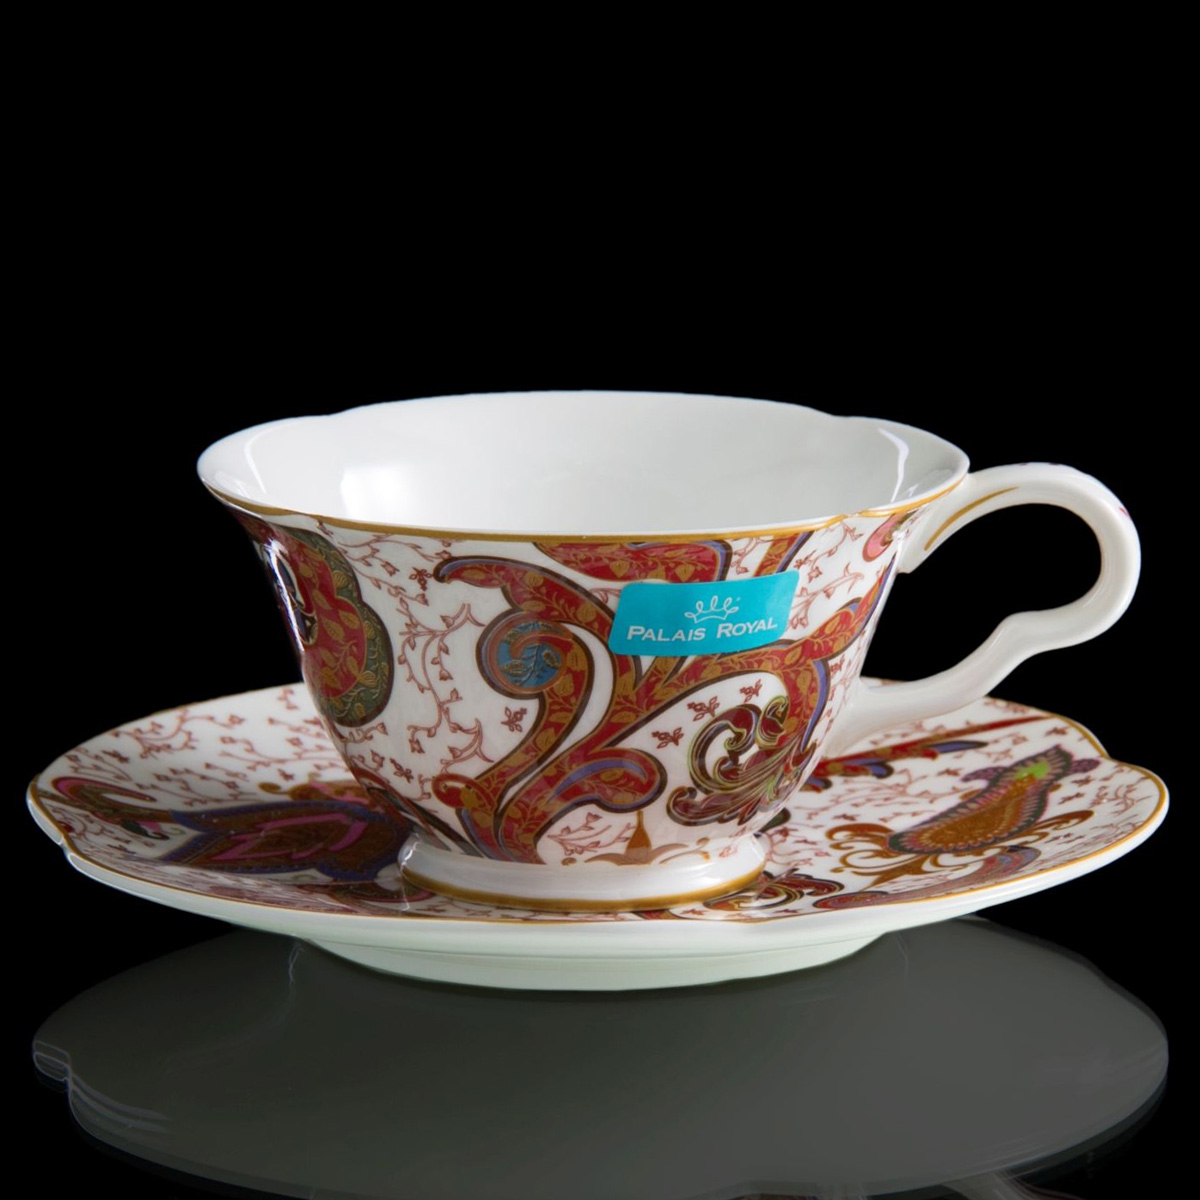 Чайная пара Lamart Роспись цветов, 230 мл133213Любители редких и изысканных вещей вряд ли смогут пройти мимо этой уникальной чашки ручной работы из серии Роспись цветов. Она изготовлена на известной далеко за пределами Европы итальянской фабрике Lamart, которая поставляет эксклюзивные предметы из фарфора и керамики. Изящная чашка из ценного костяного фарфора, украшенная изысканным орнаментом в теплых красновато-коричневых тонах, станет замечательным украшением стола и сделает каждое чаепитие еще более приятным и запоминающимся. Не скупитесь на положительные эмоции! Окружайте себя вещами, которые день ото дня будут радовать глаз и поднимать настроение. Поверьте, одна-единственная чашка способна сделать ваше утро перед началом рабочего дня по-настоящему добрым.